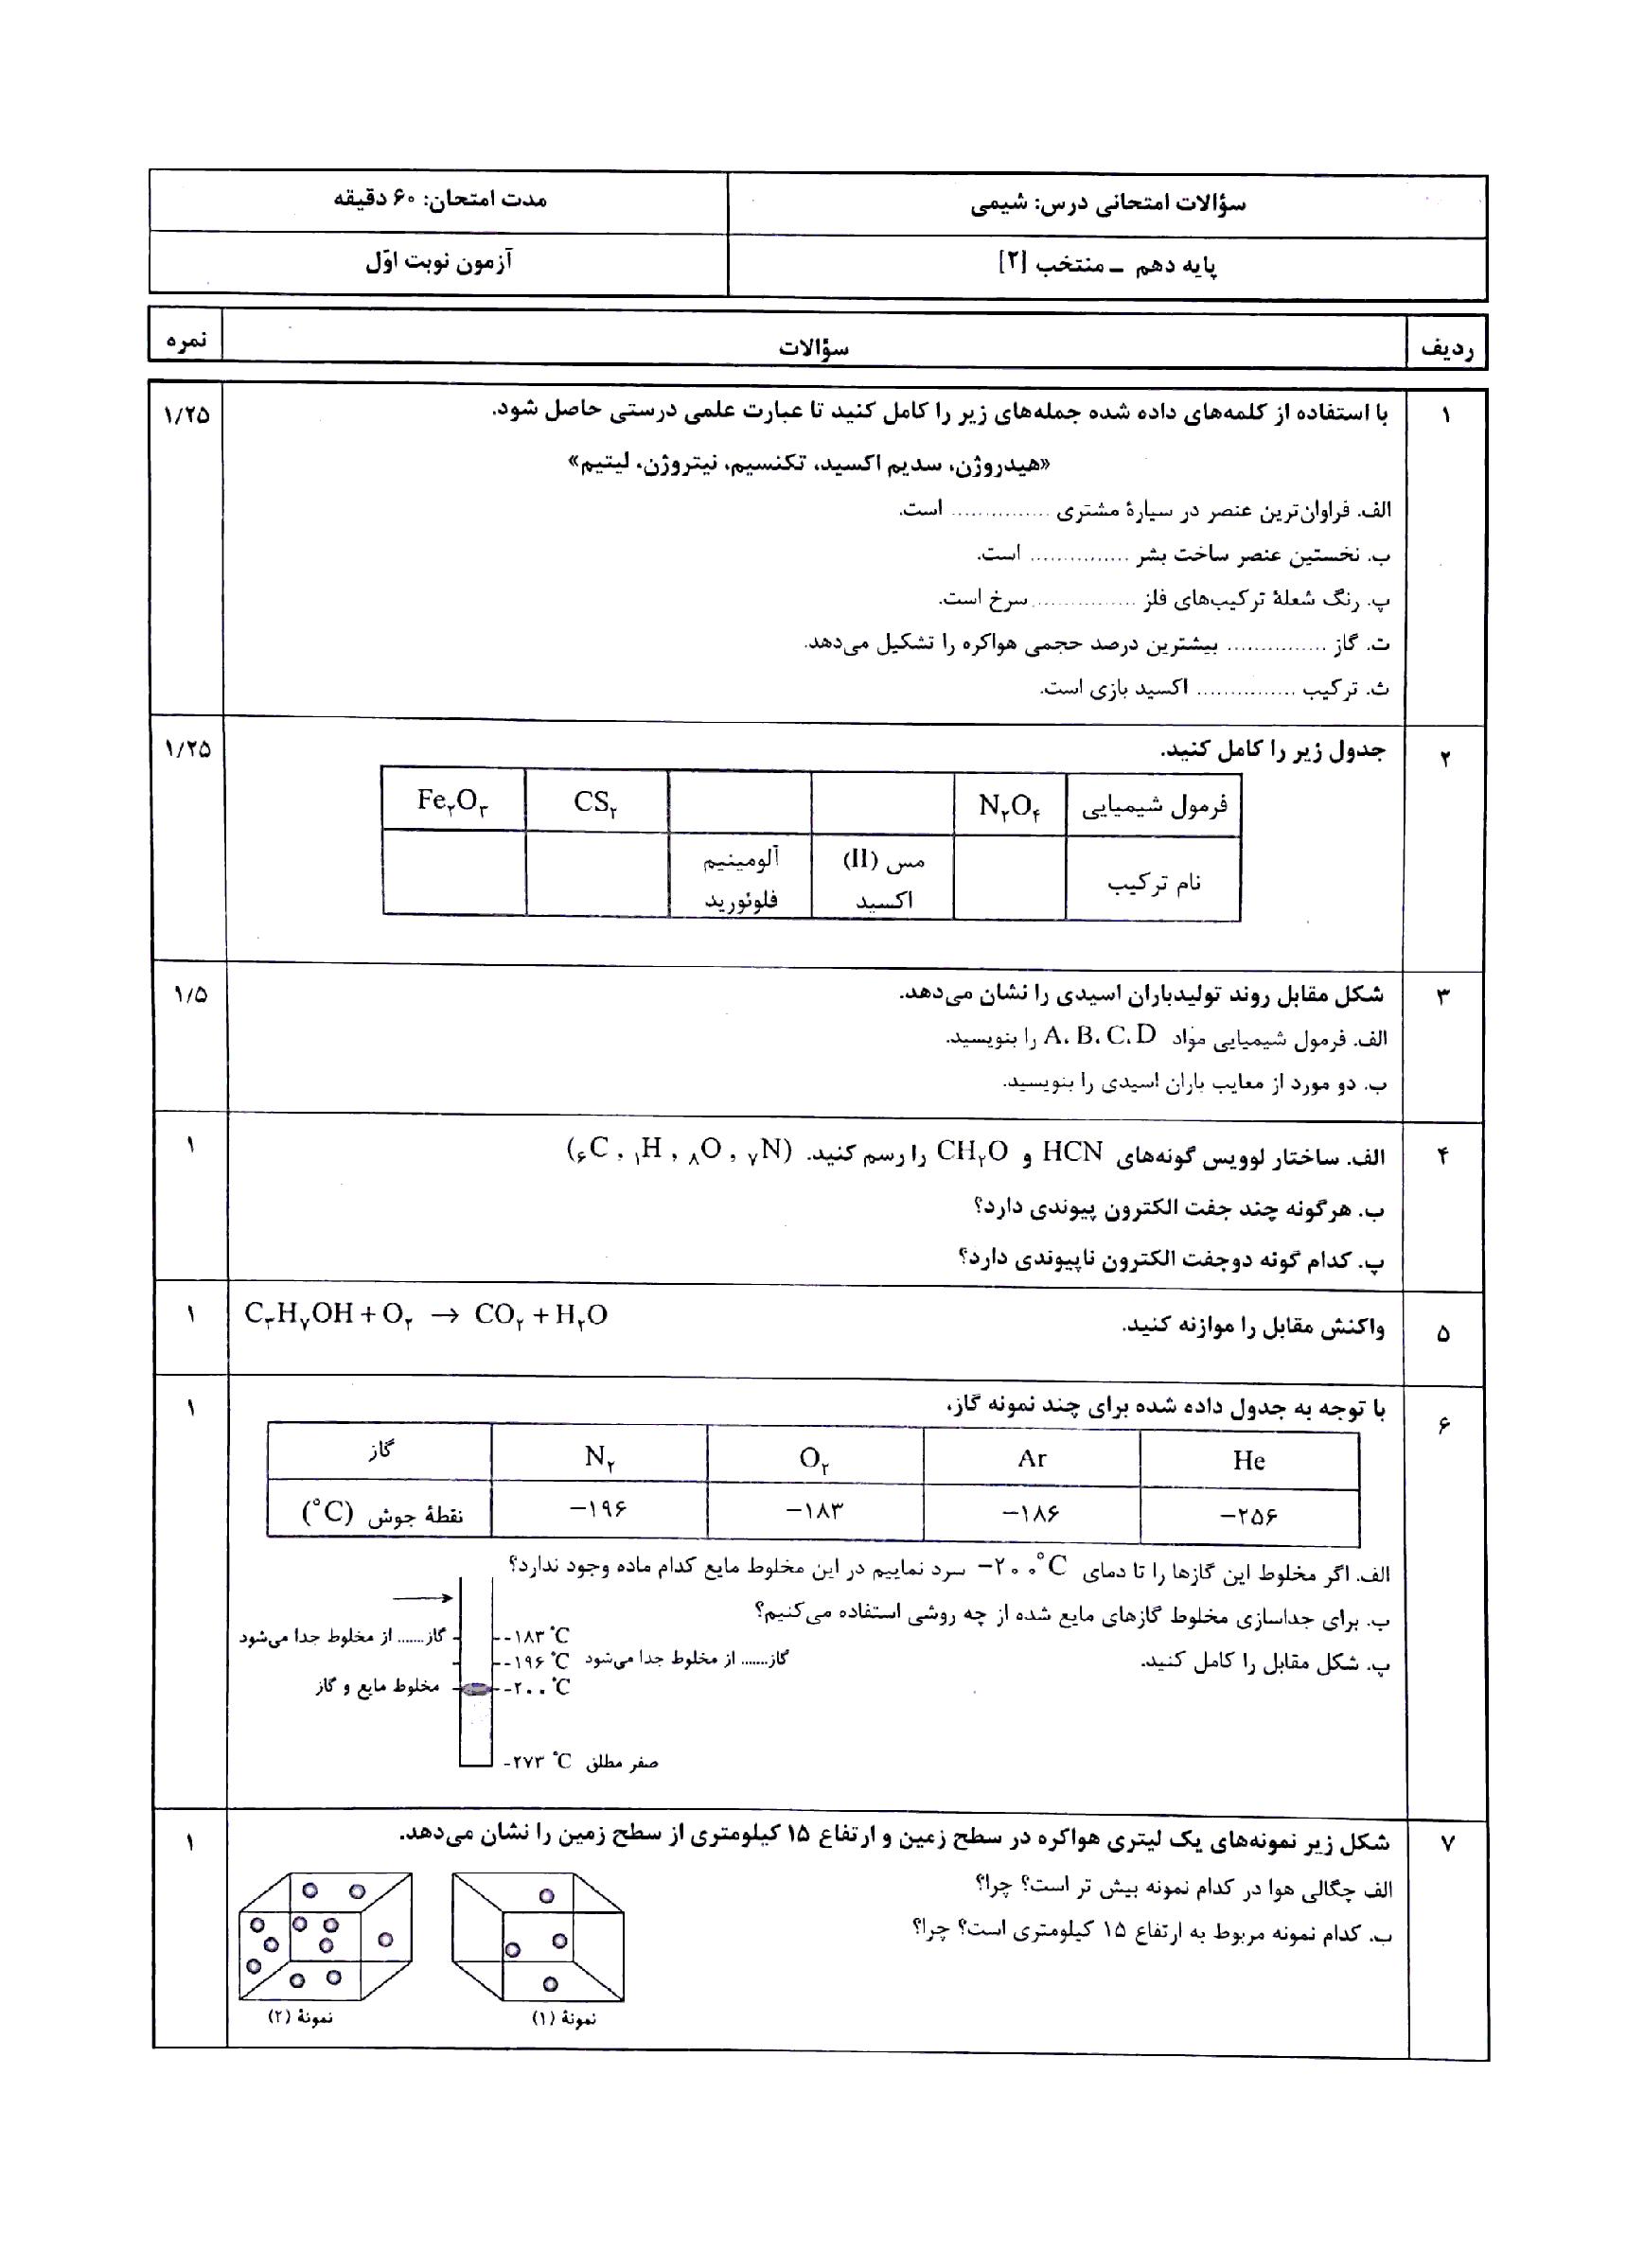 سوالات امتحانی ترم اول شیمی (1) دهم با جواب